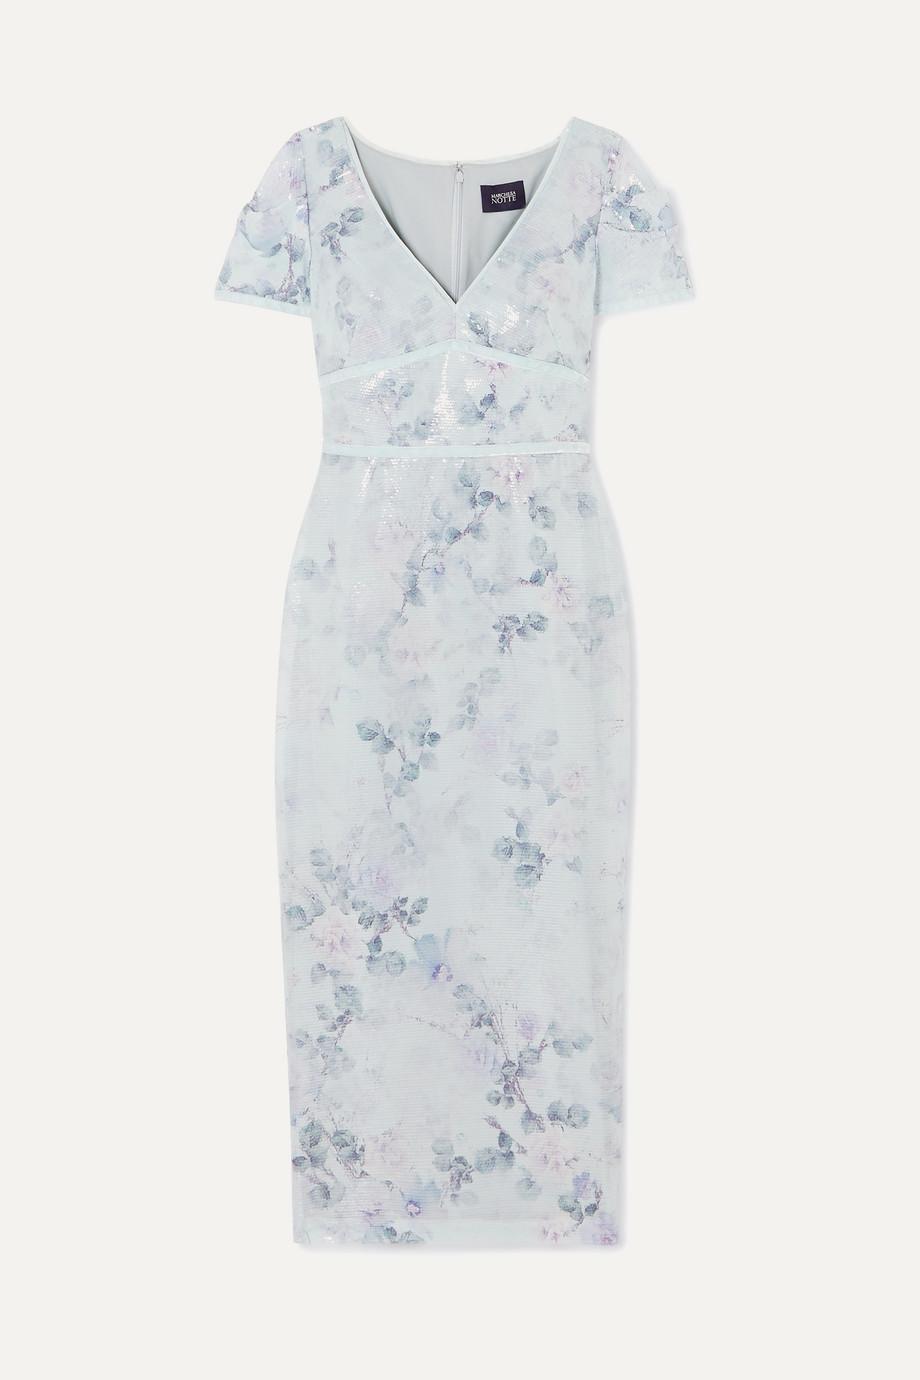 Marchesa Notte | Sequined floral-print crepe midi dress | NET-A-PORTER.COM